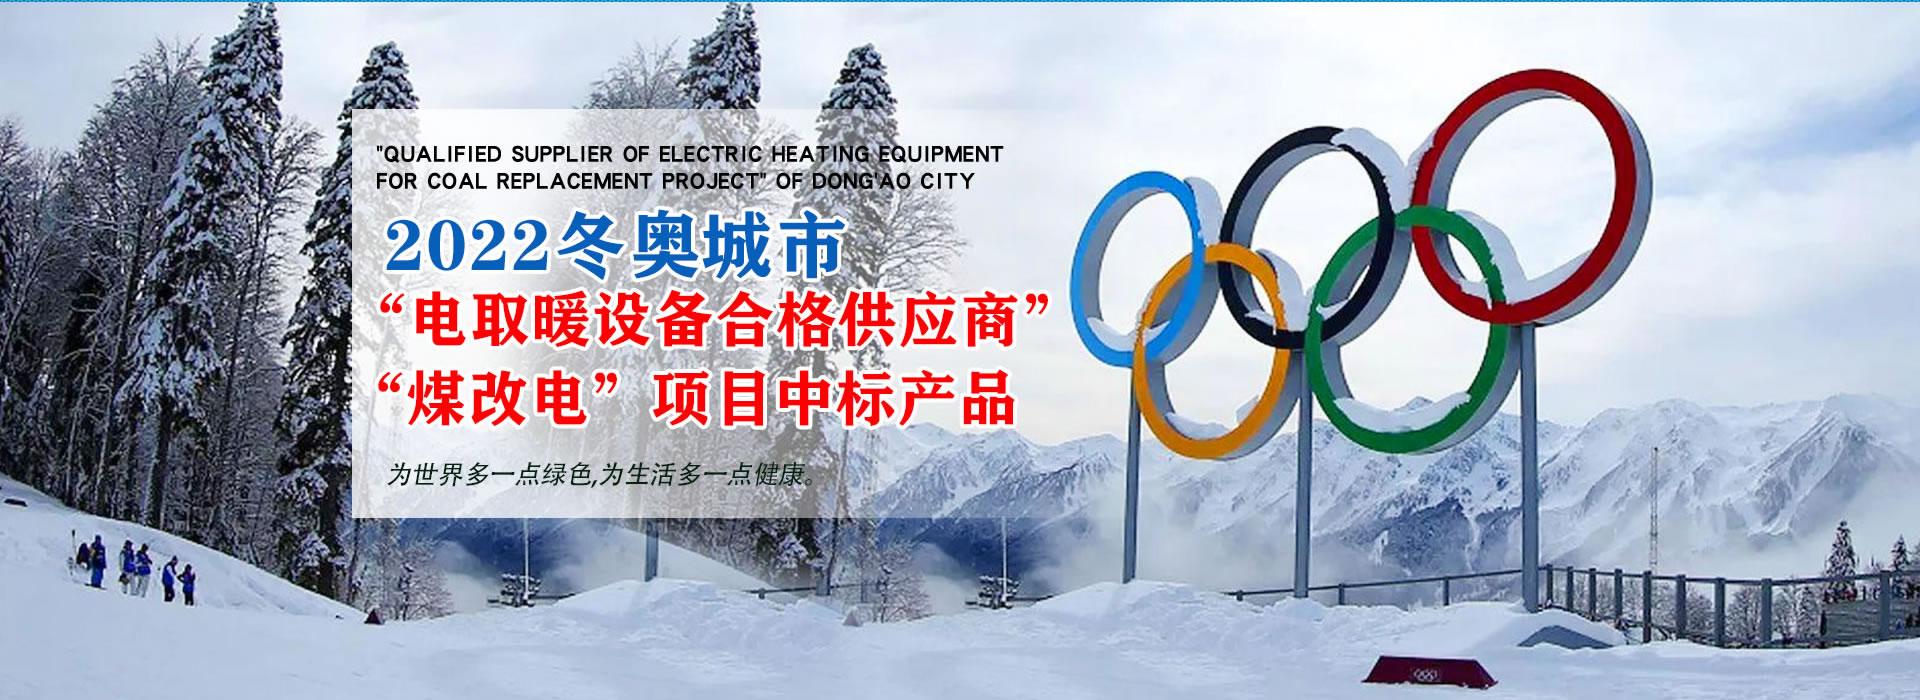 冬奥城市电代煤合格供应商